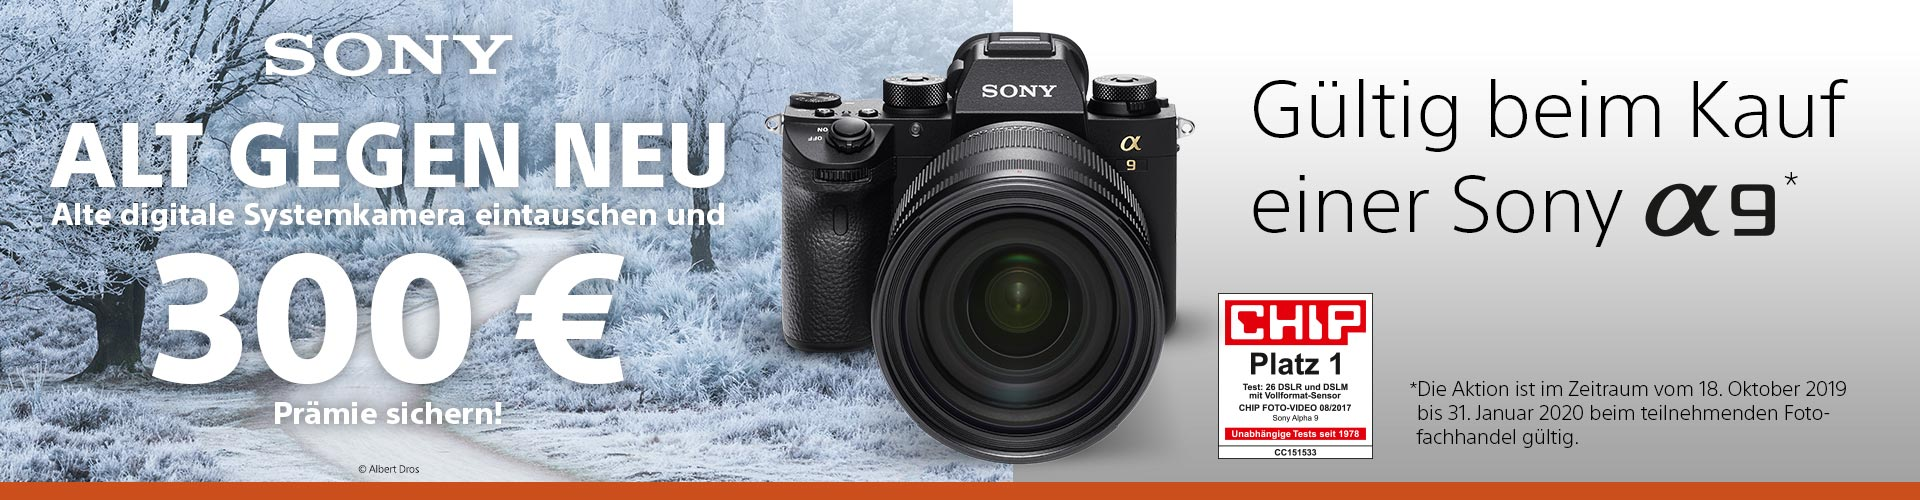 Sony Alpha 9 Alt-gegen-Neu-Aktion